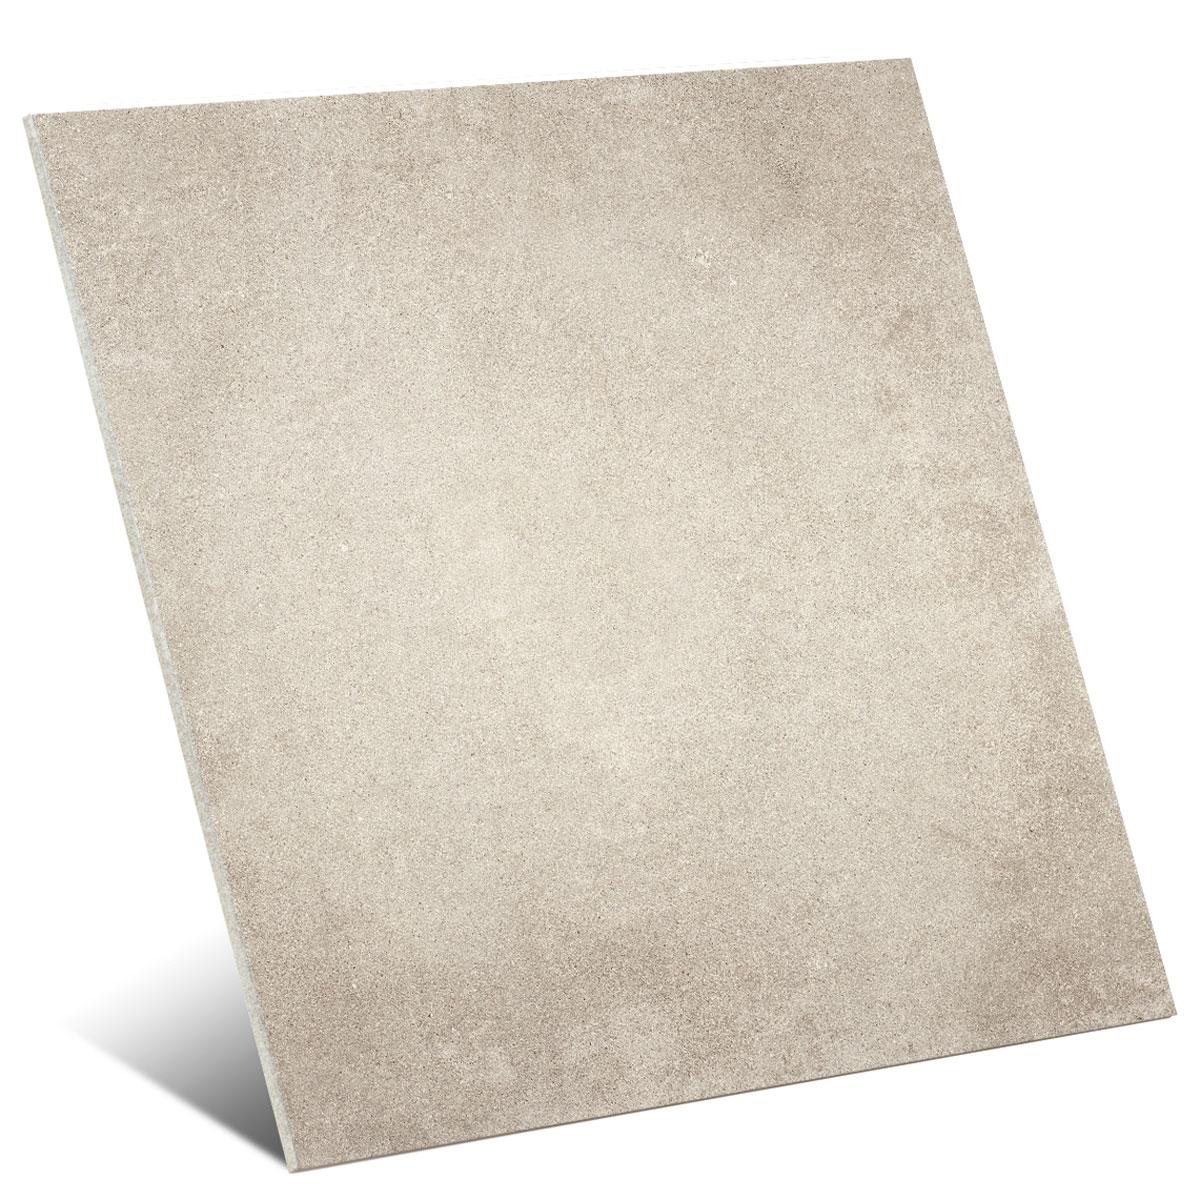 Lienz Gris 60x60 20mm (caja 0.70 m2)